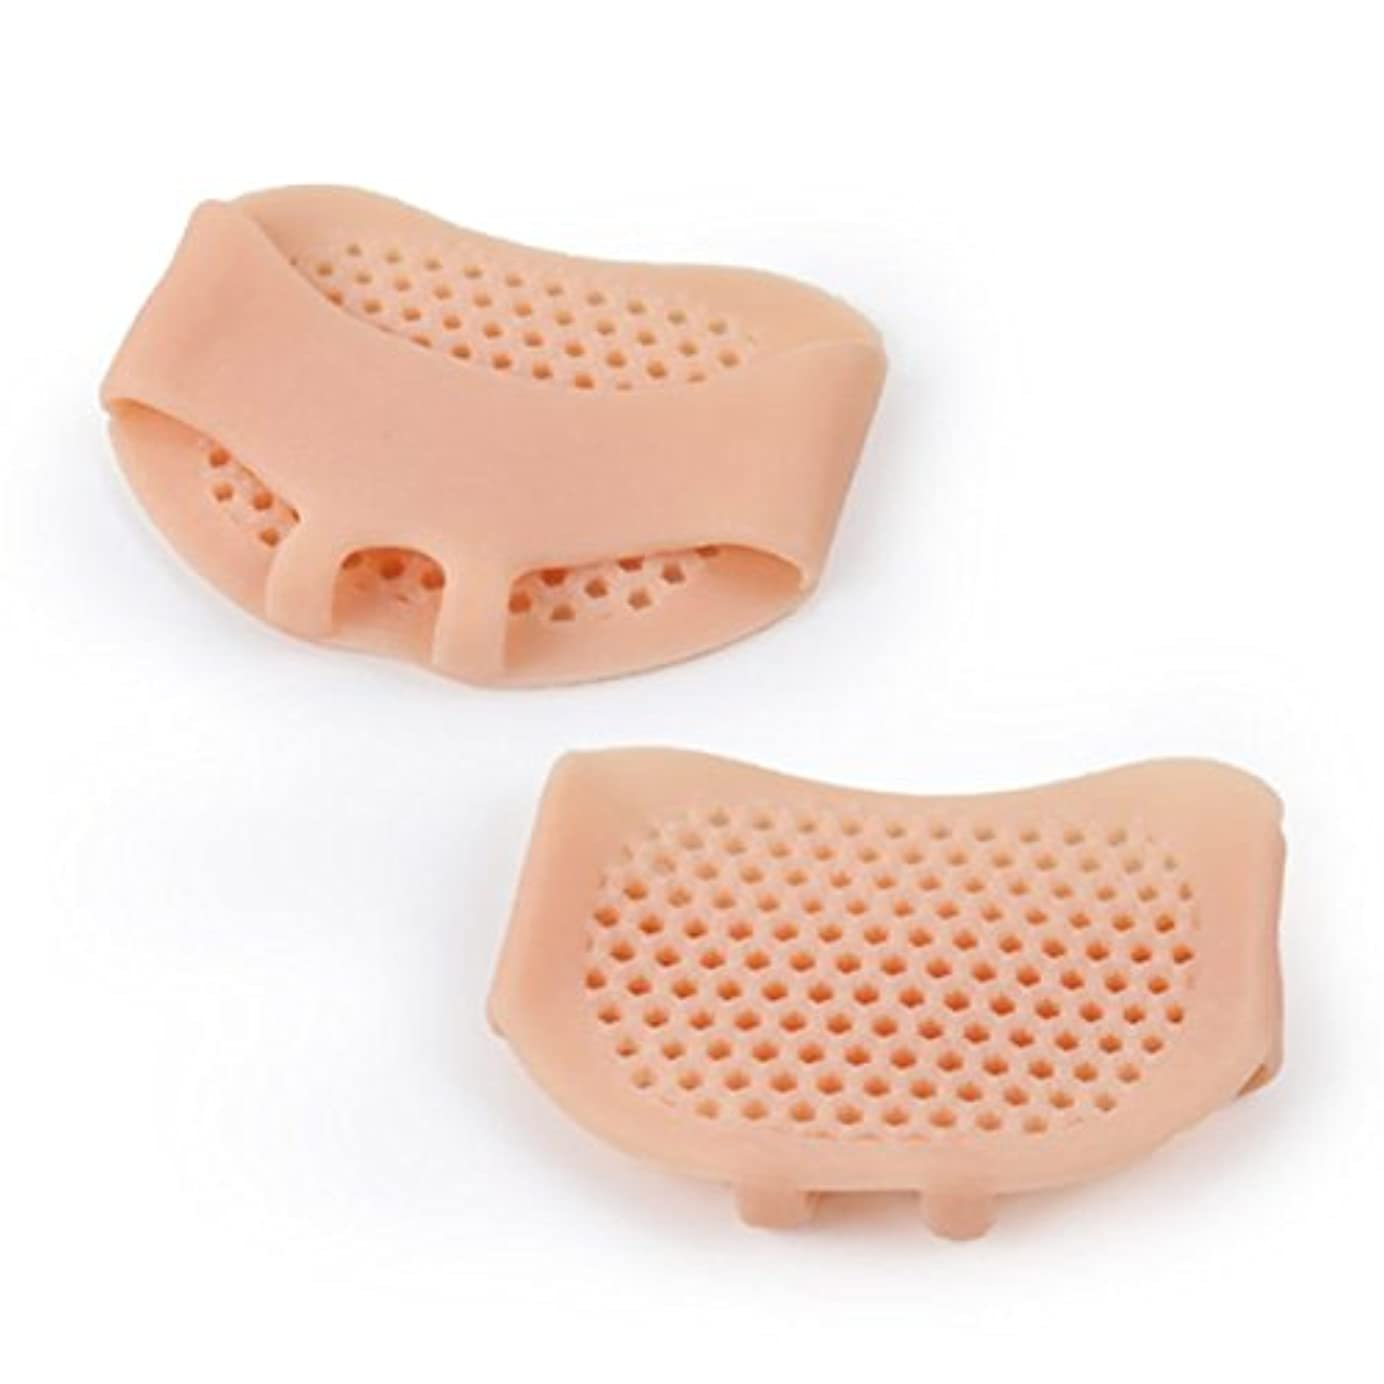 やろう鋸歯状リズミカルな通気性のあるソフトシリコン女性インソールパッド滑り止め快適な女性フロントフットケアクッションハイヒール靴パッド-肌の色